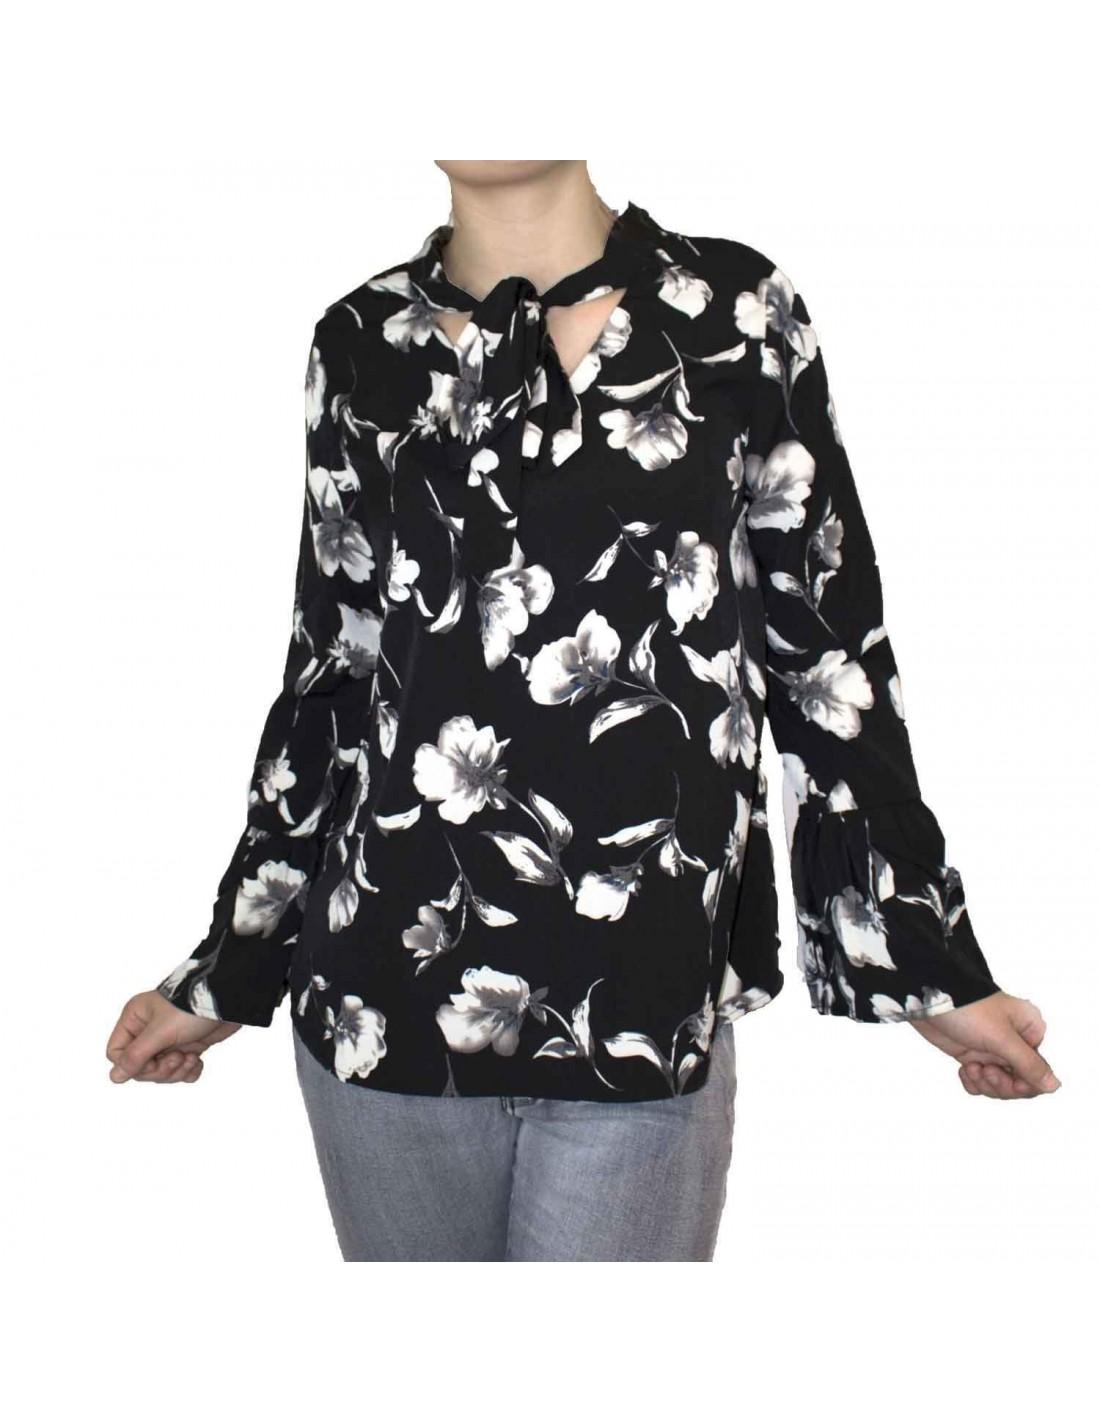 chemisier femme noir motif fleur col lavalliere manches a volants. Black Bedroom Furniture Sets. Home Design Ideas